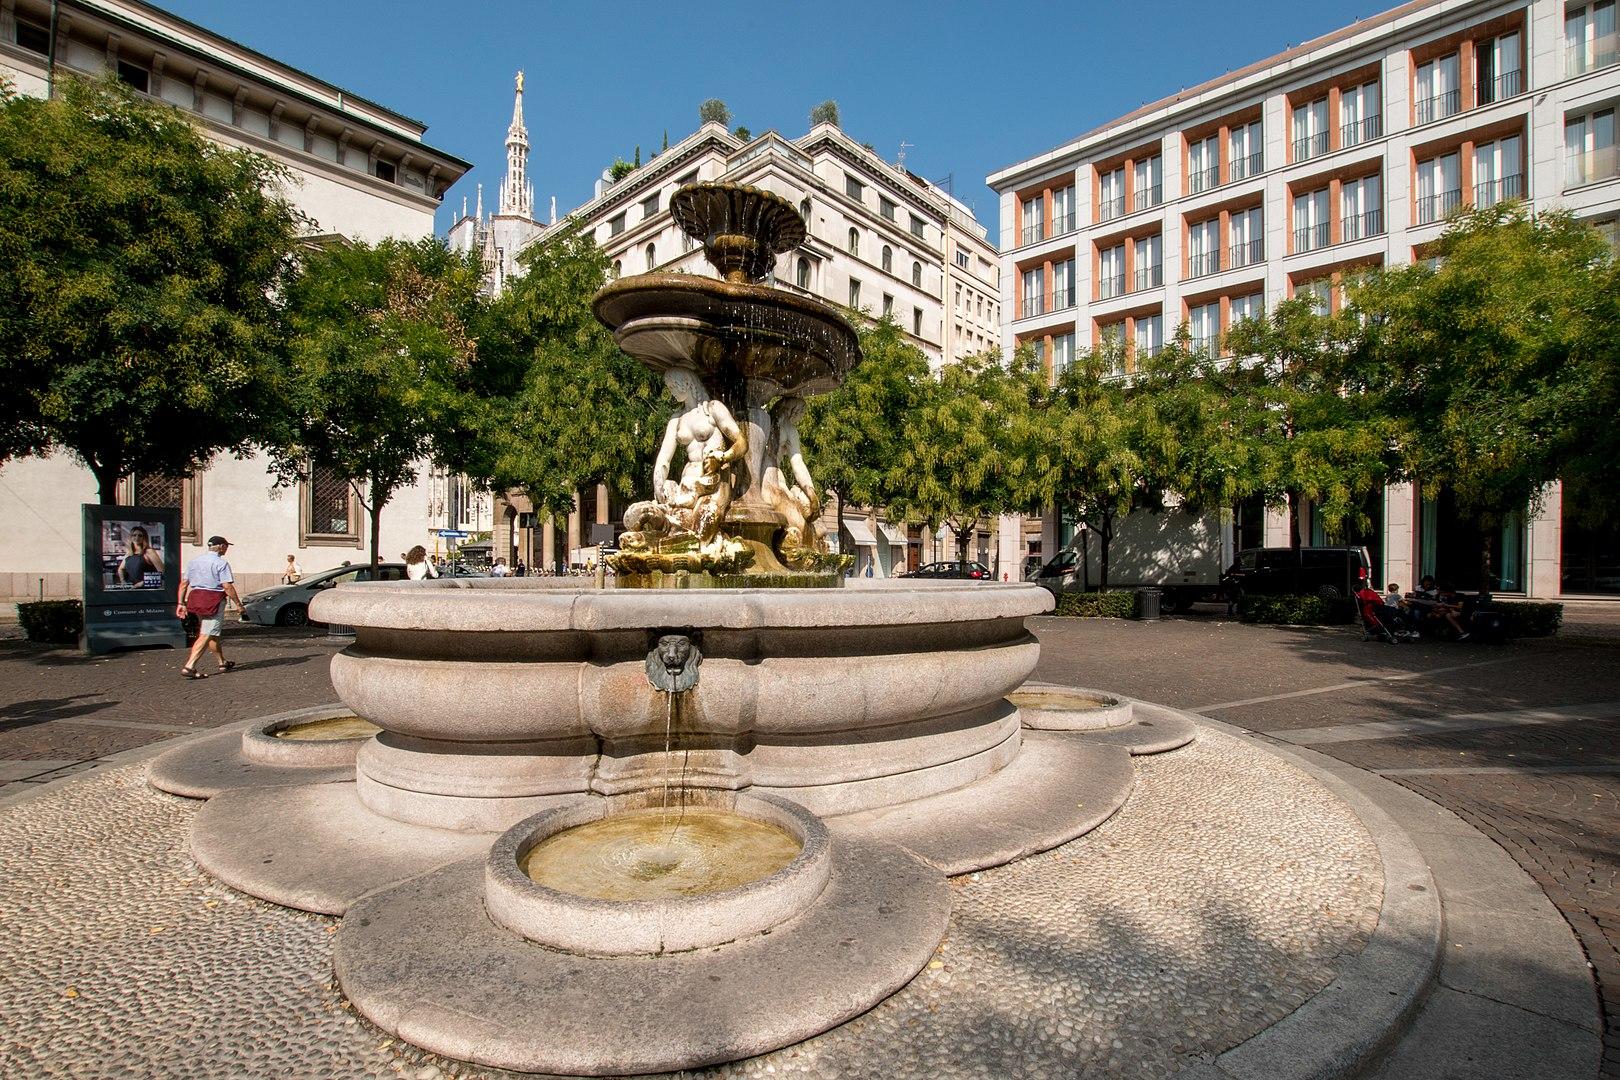 piazza fontana foto di Mbettacc